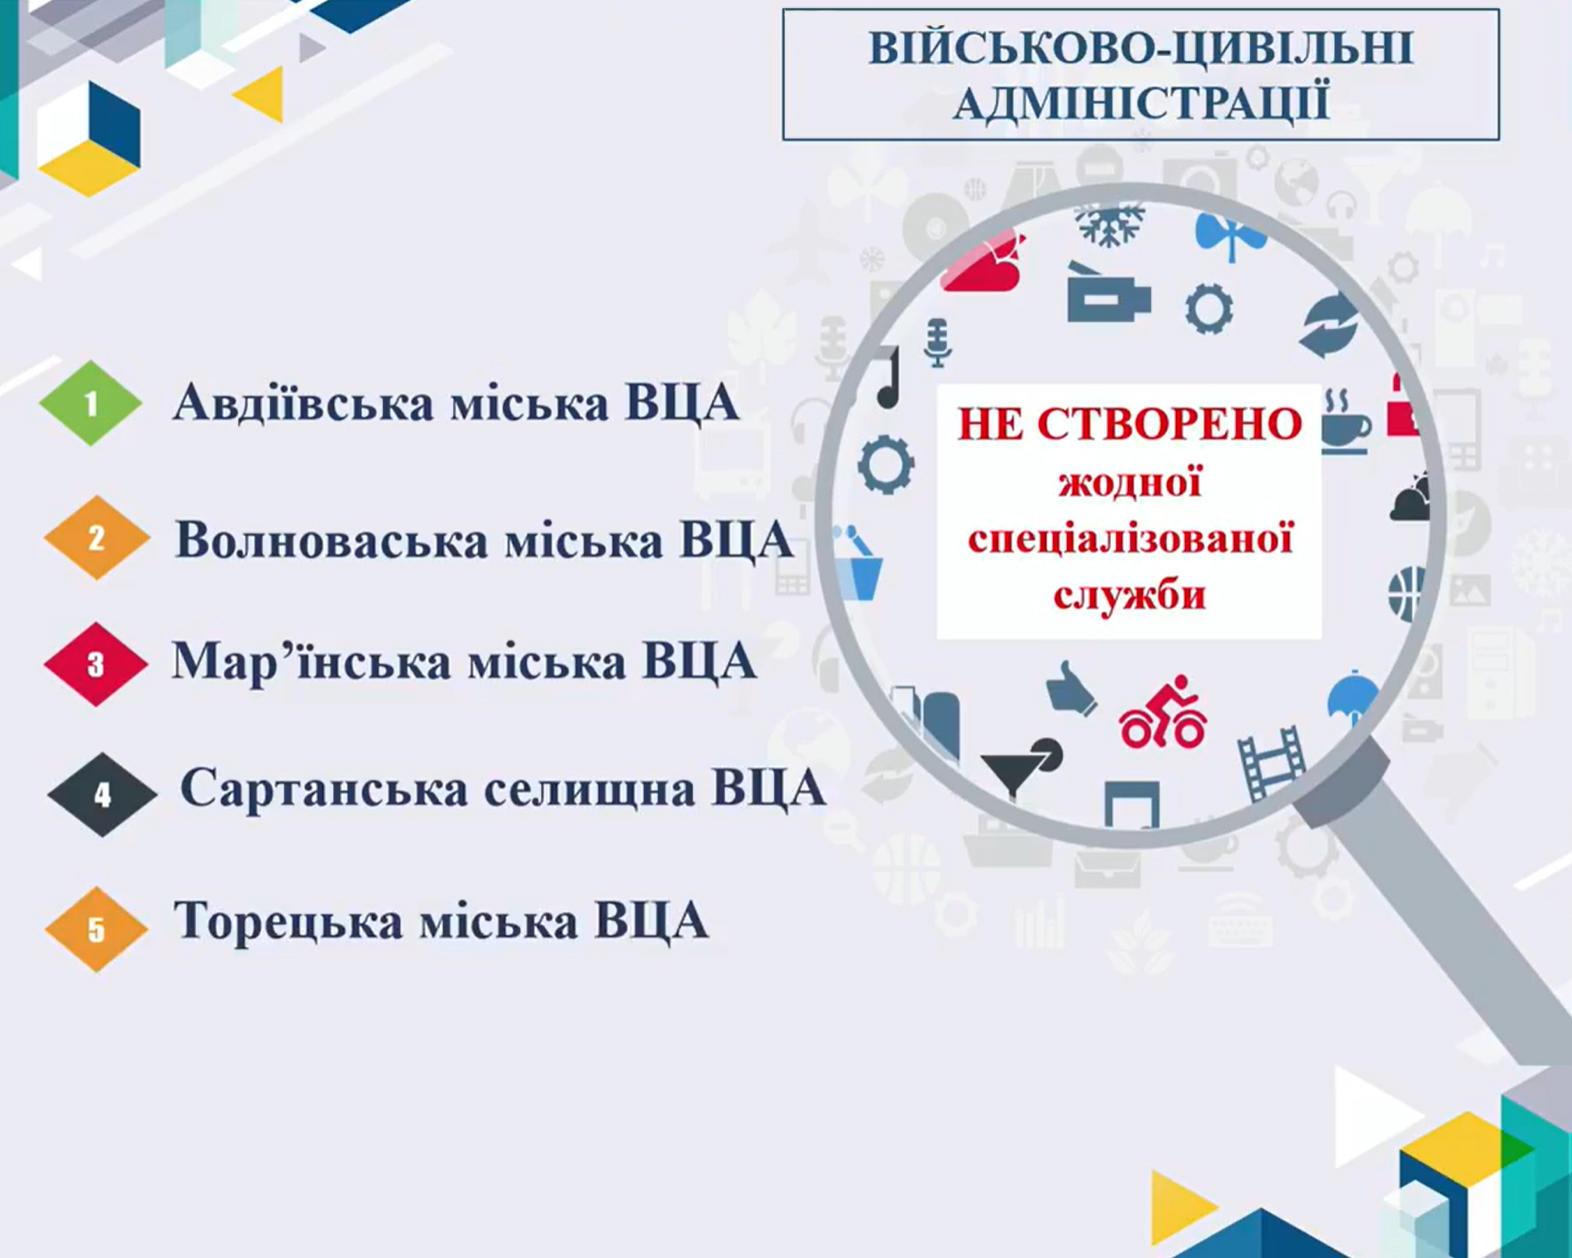 Військово-цивільні адміністрації Донецької області, де немає спеціалізованих служб для жертв домашнього насильства